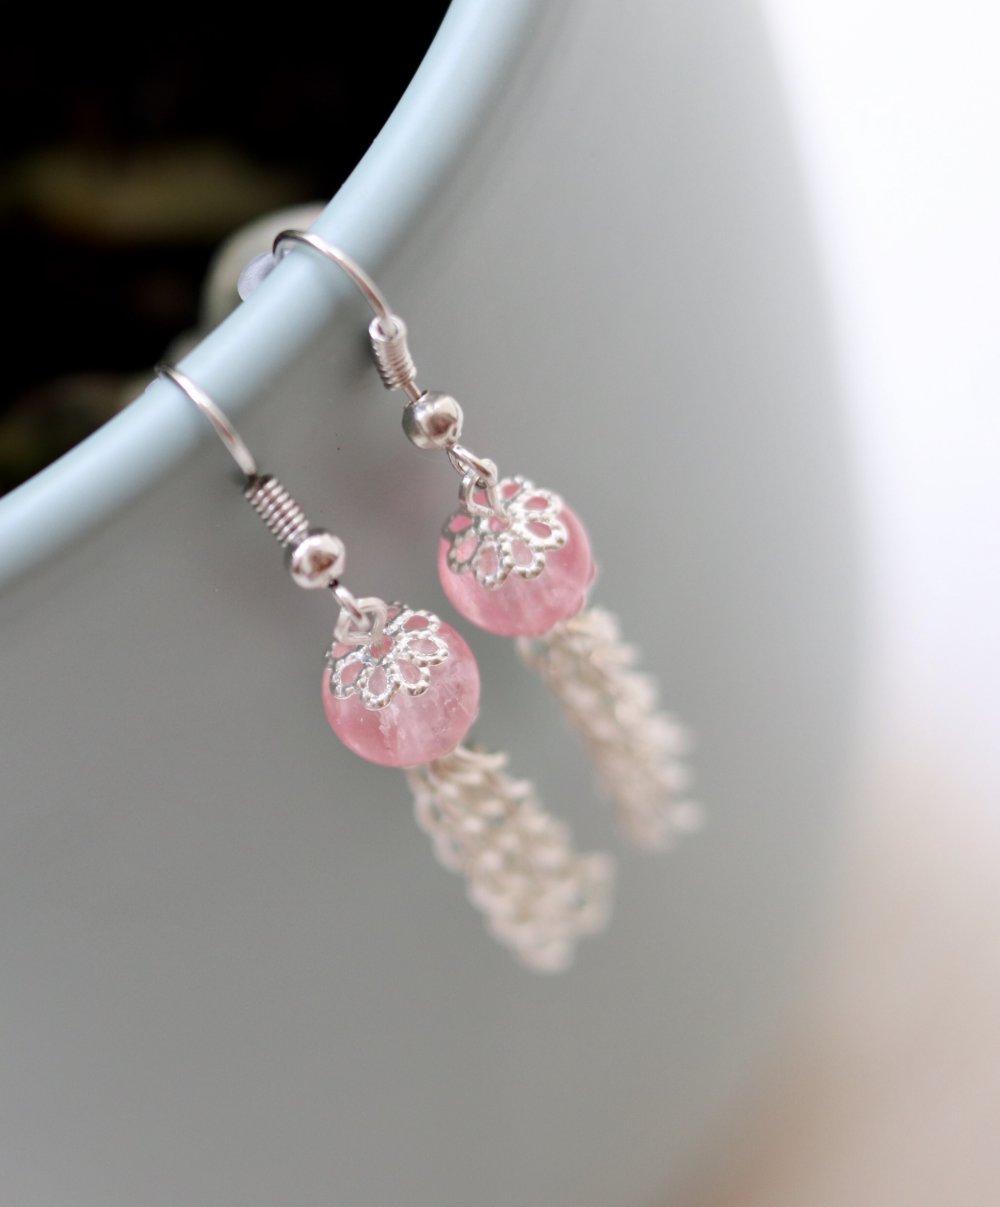 Perles en verre rose